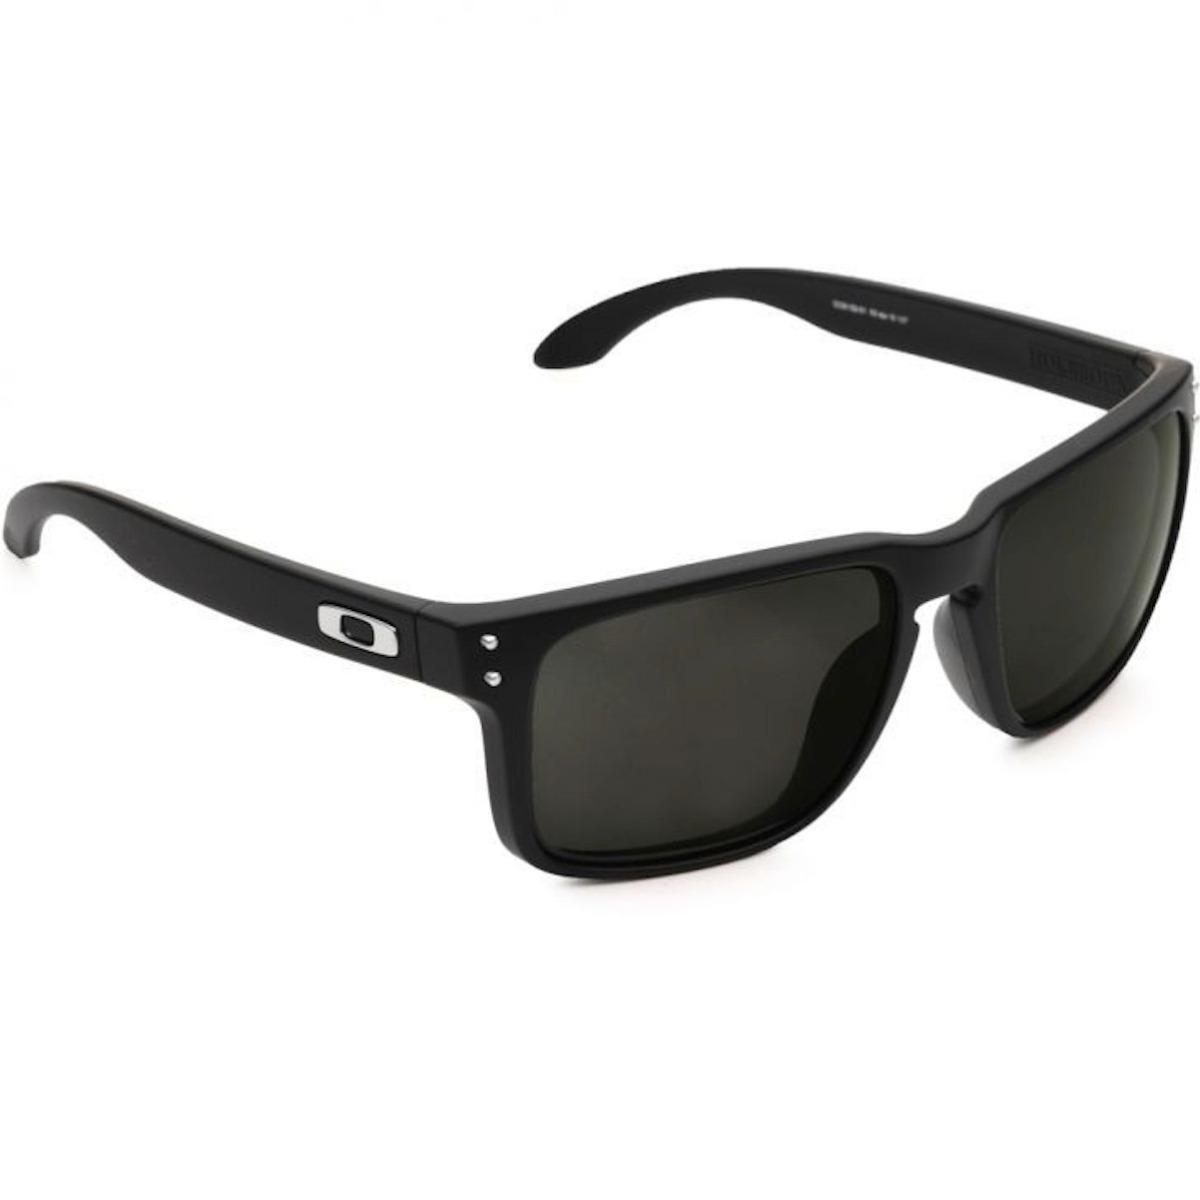 81ff4628d oculos oakley holbrook preto black logo prata polarizado uv. Carregando  zoom.